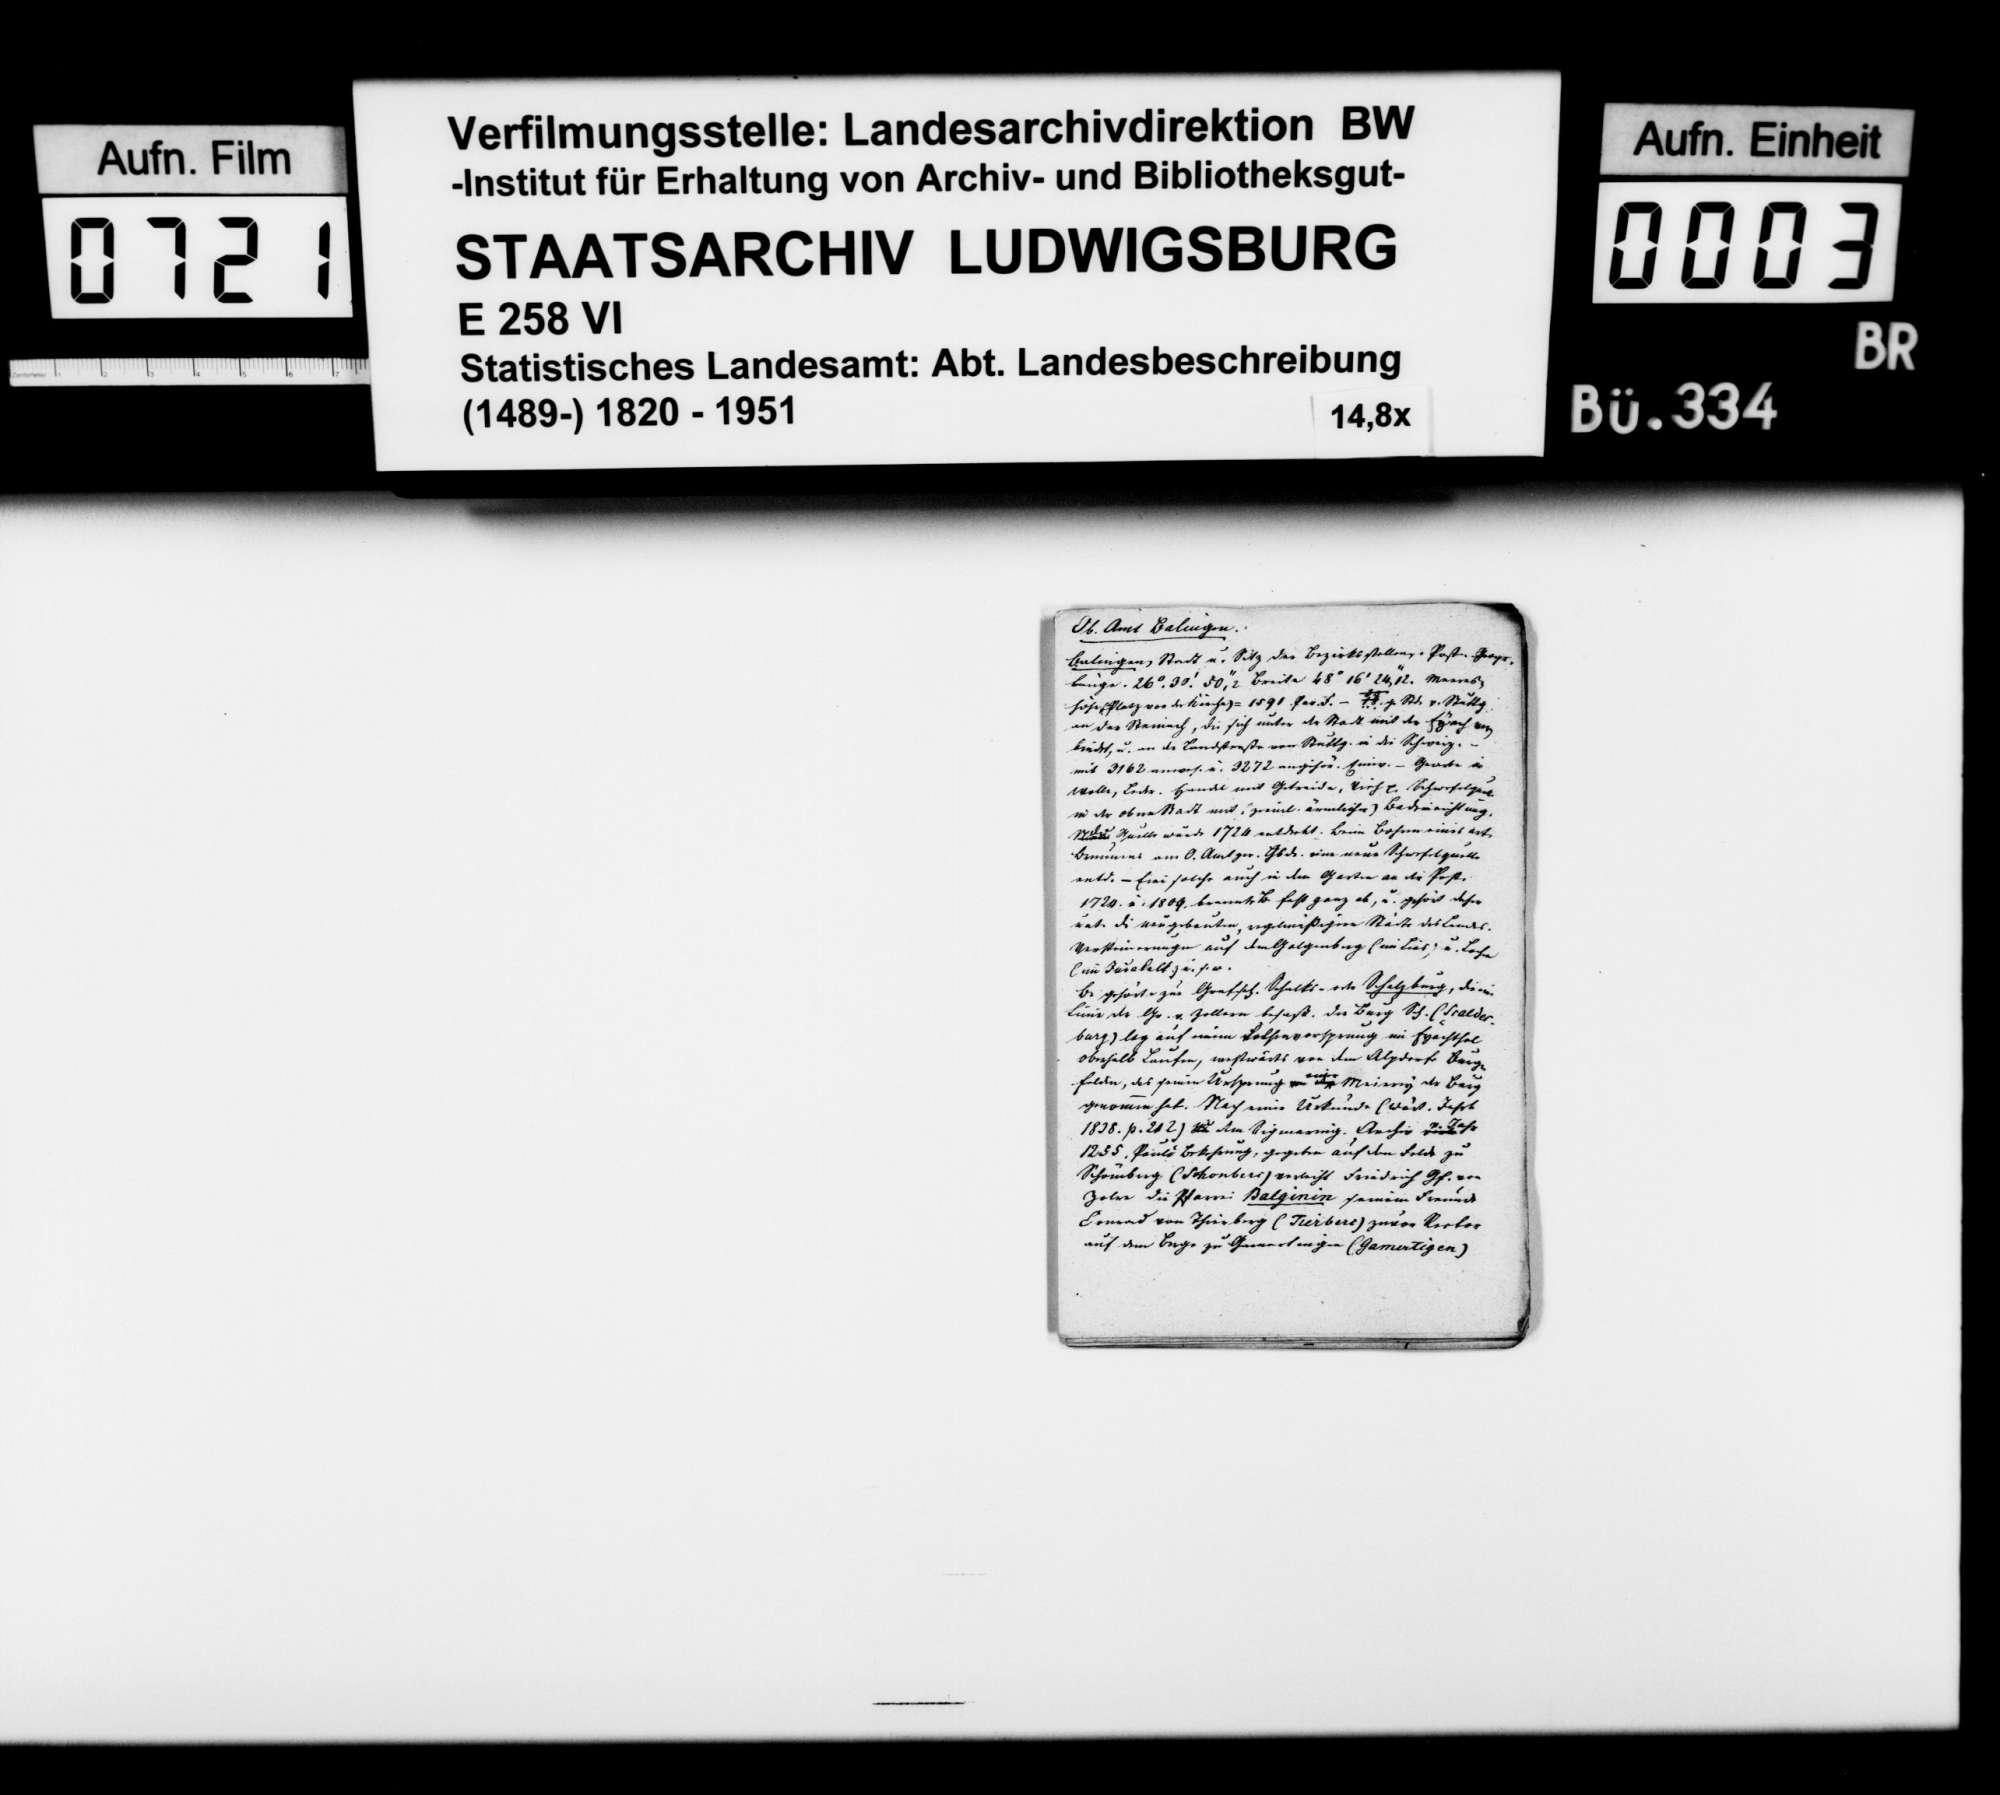 Notizen [des Trigonometers Diezel in der Kanzlei des STBs] zur Beschreibung und Geschichte verschiedener Orte im Schwarzwaldkreis, Bild 2